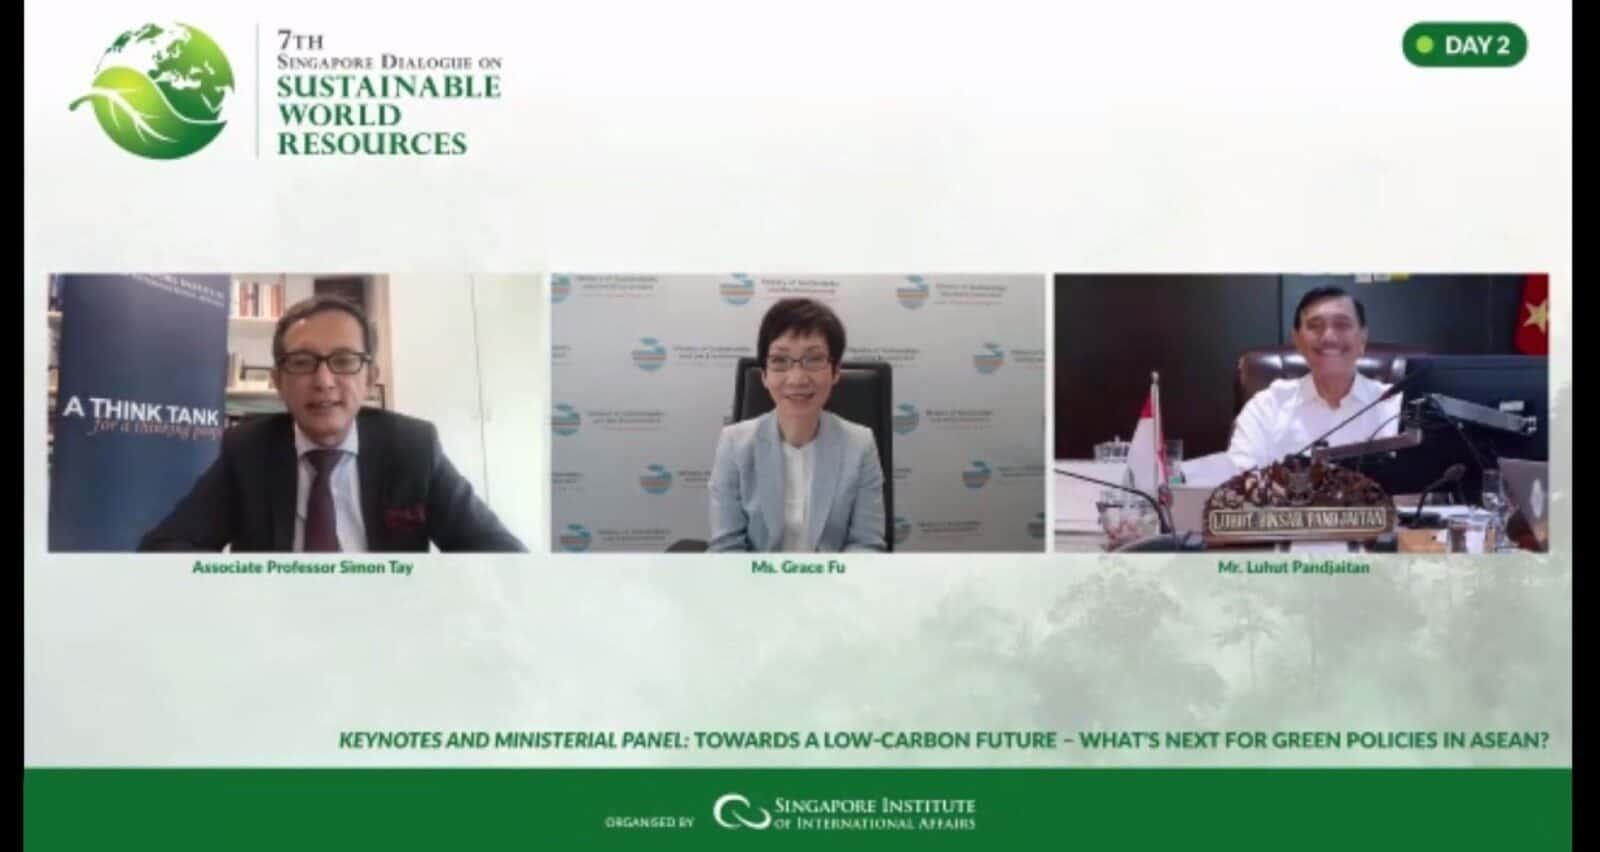 Pemerintah Indonesia Serius Lakukan Berbagai Upaya Penanggulangan Dampak Perubahan Iklim